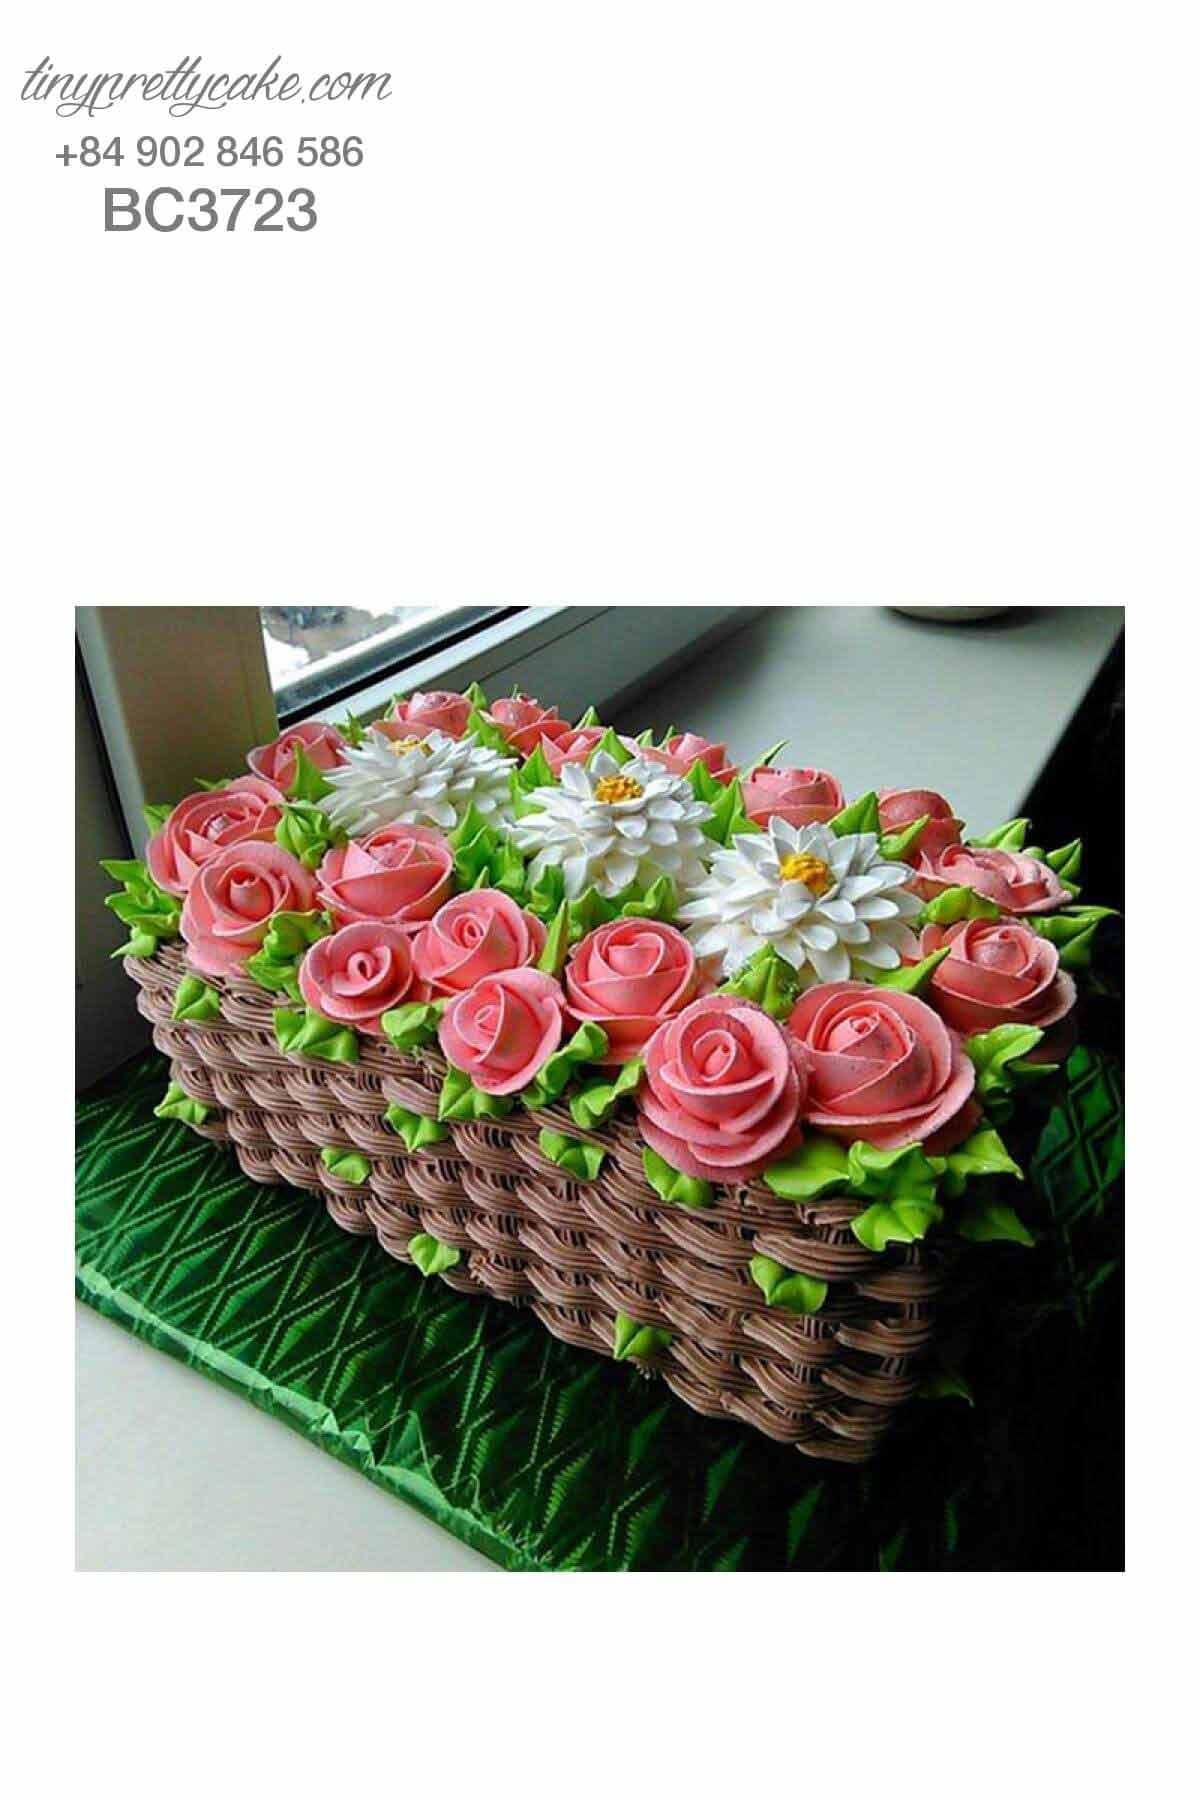 bánh sinh nhật giỏ hoa hồng 3d dễ thương